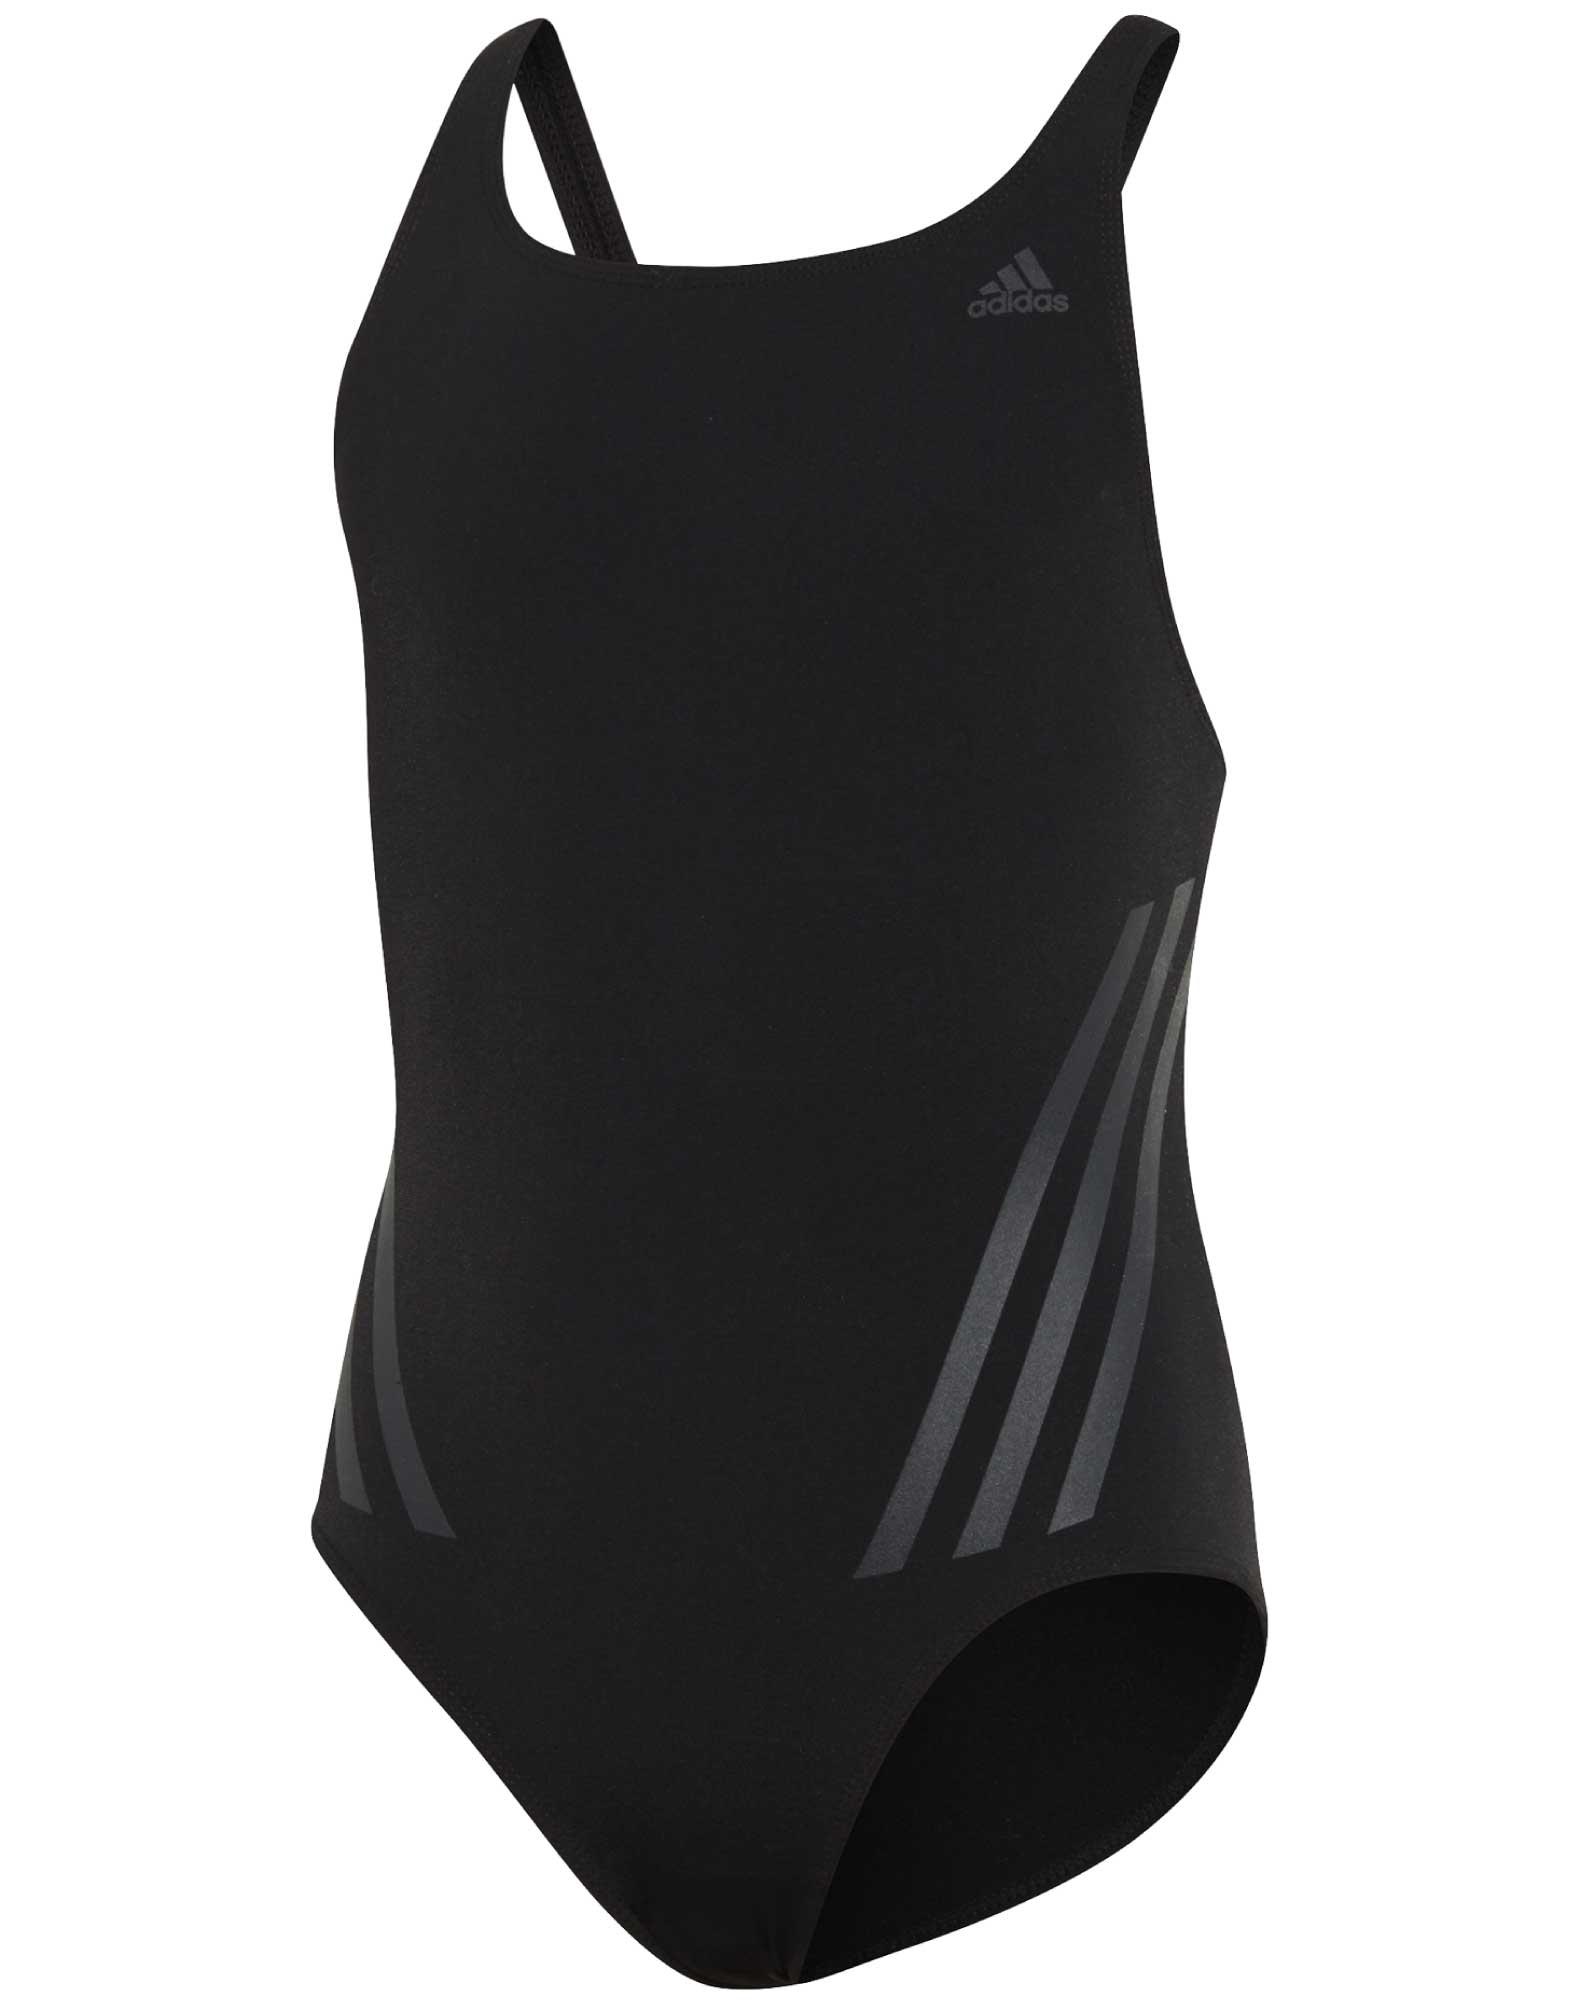 Adidas Badedragt Fit Suit Bos Sort Dame